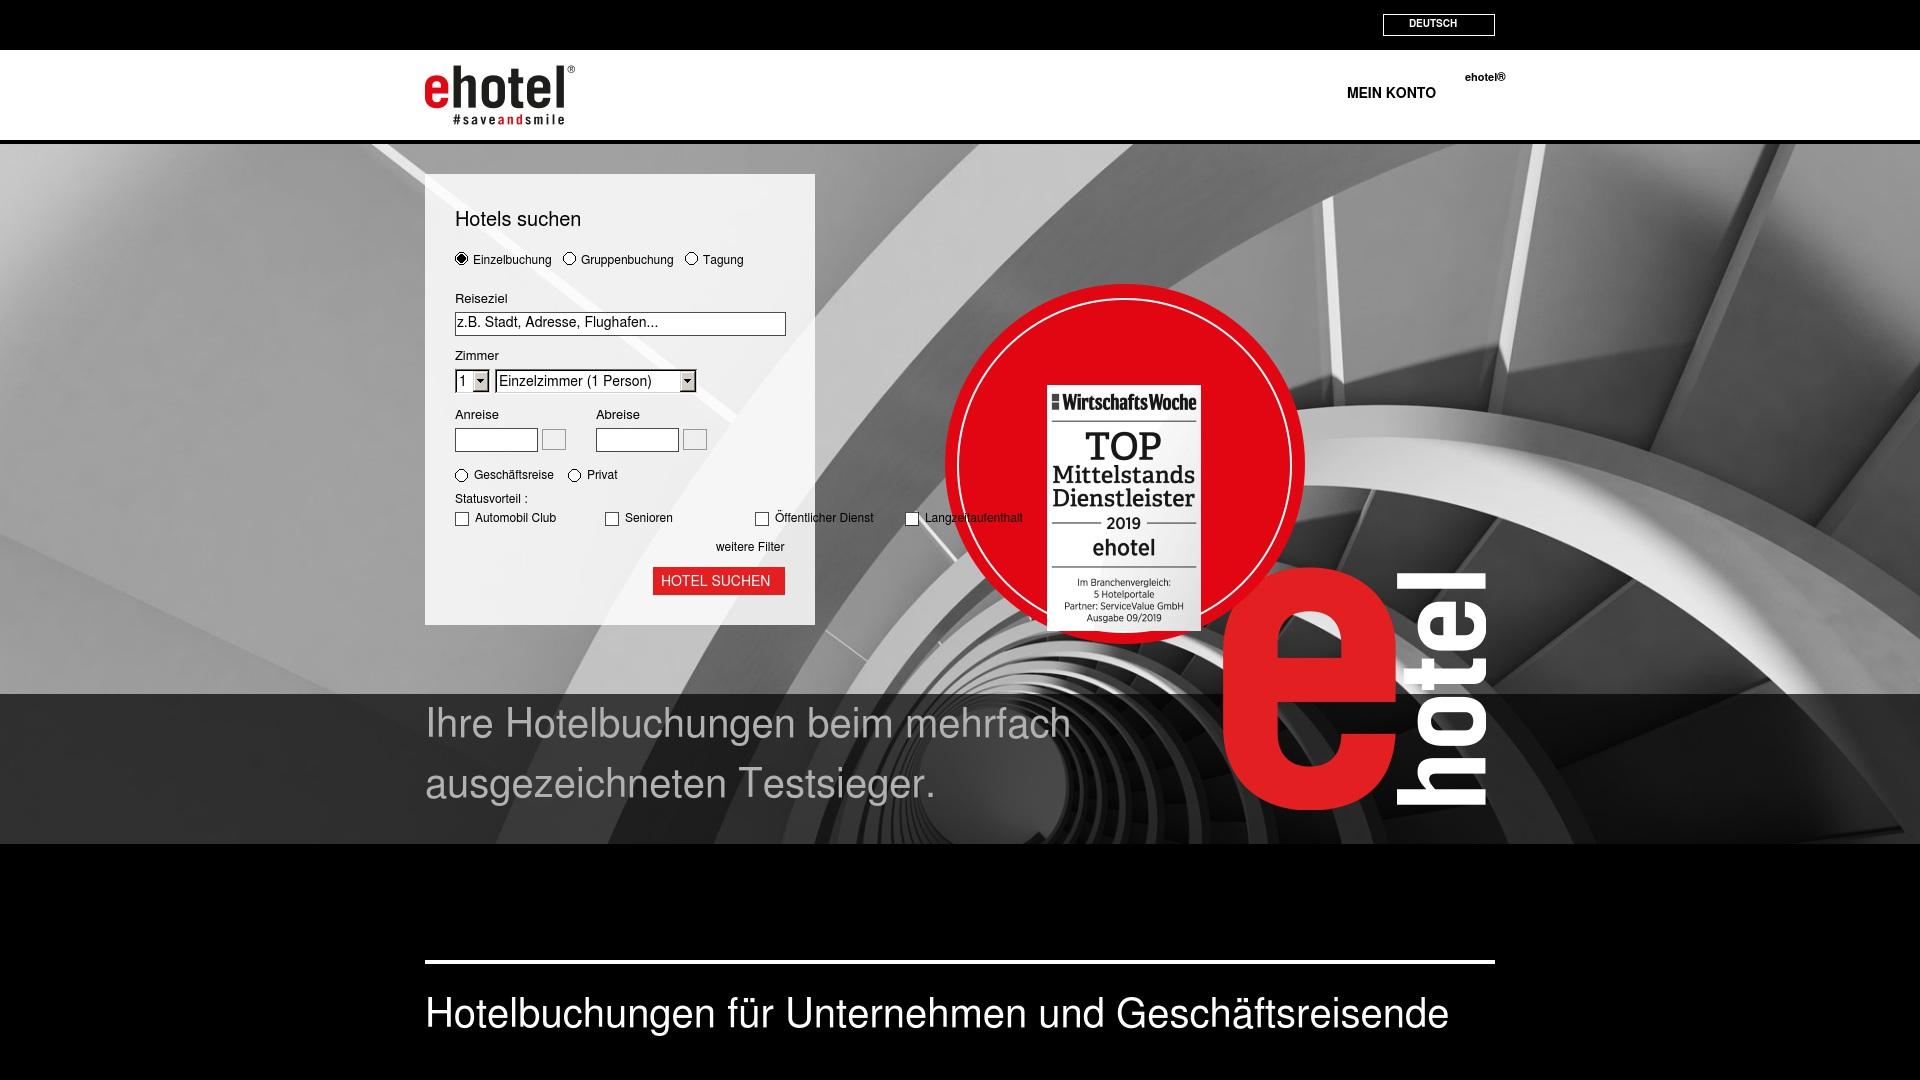 Gutschein für Ehotel: Rabatte für  Ehotel sichern